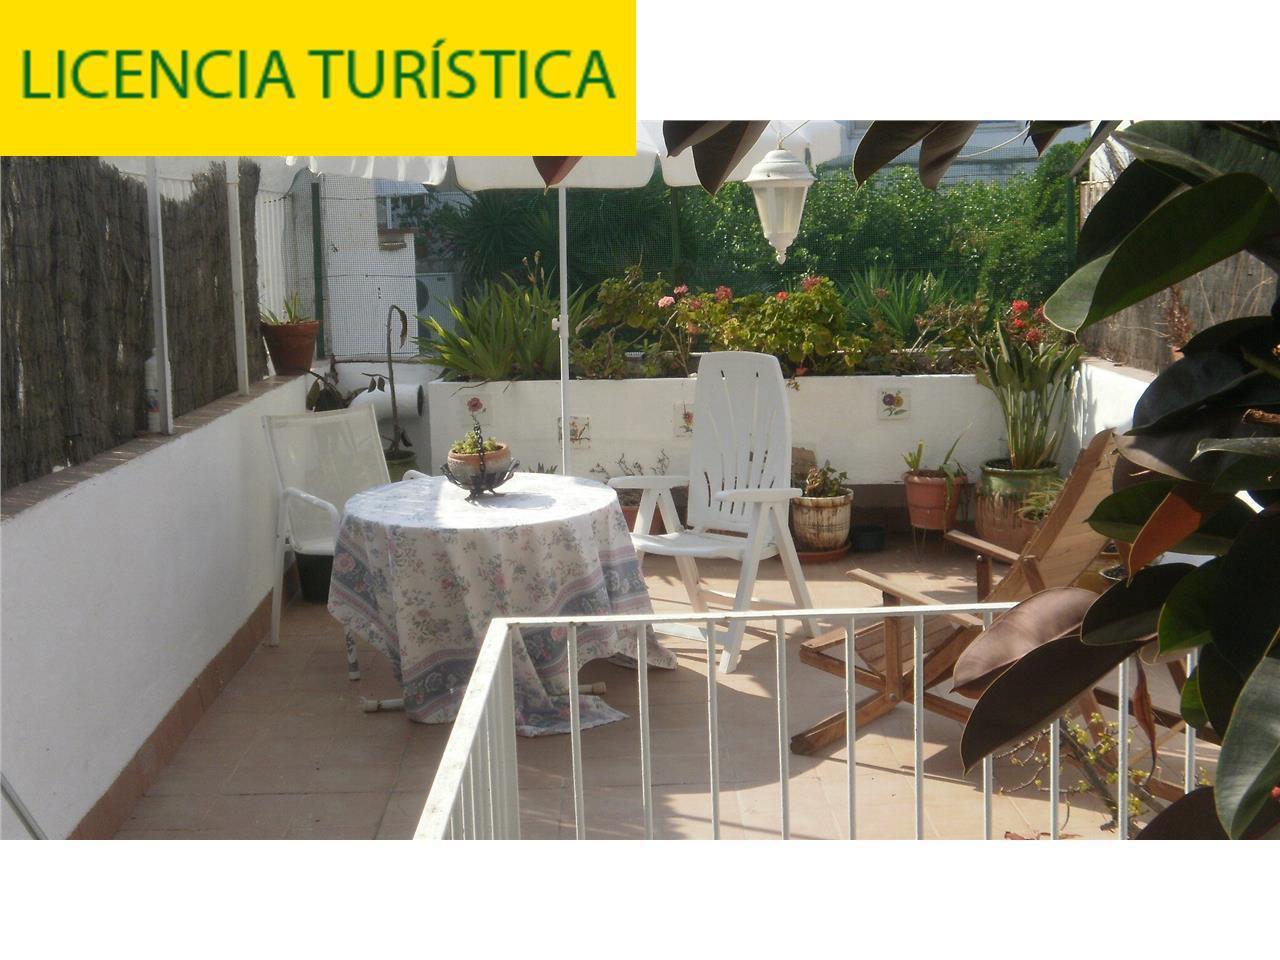 Casa en venta en zona céntrica en Sitges, junto a calle primero de mayo.